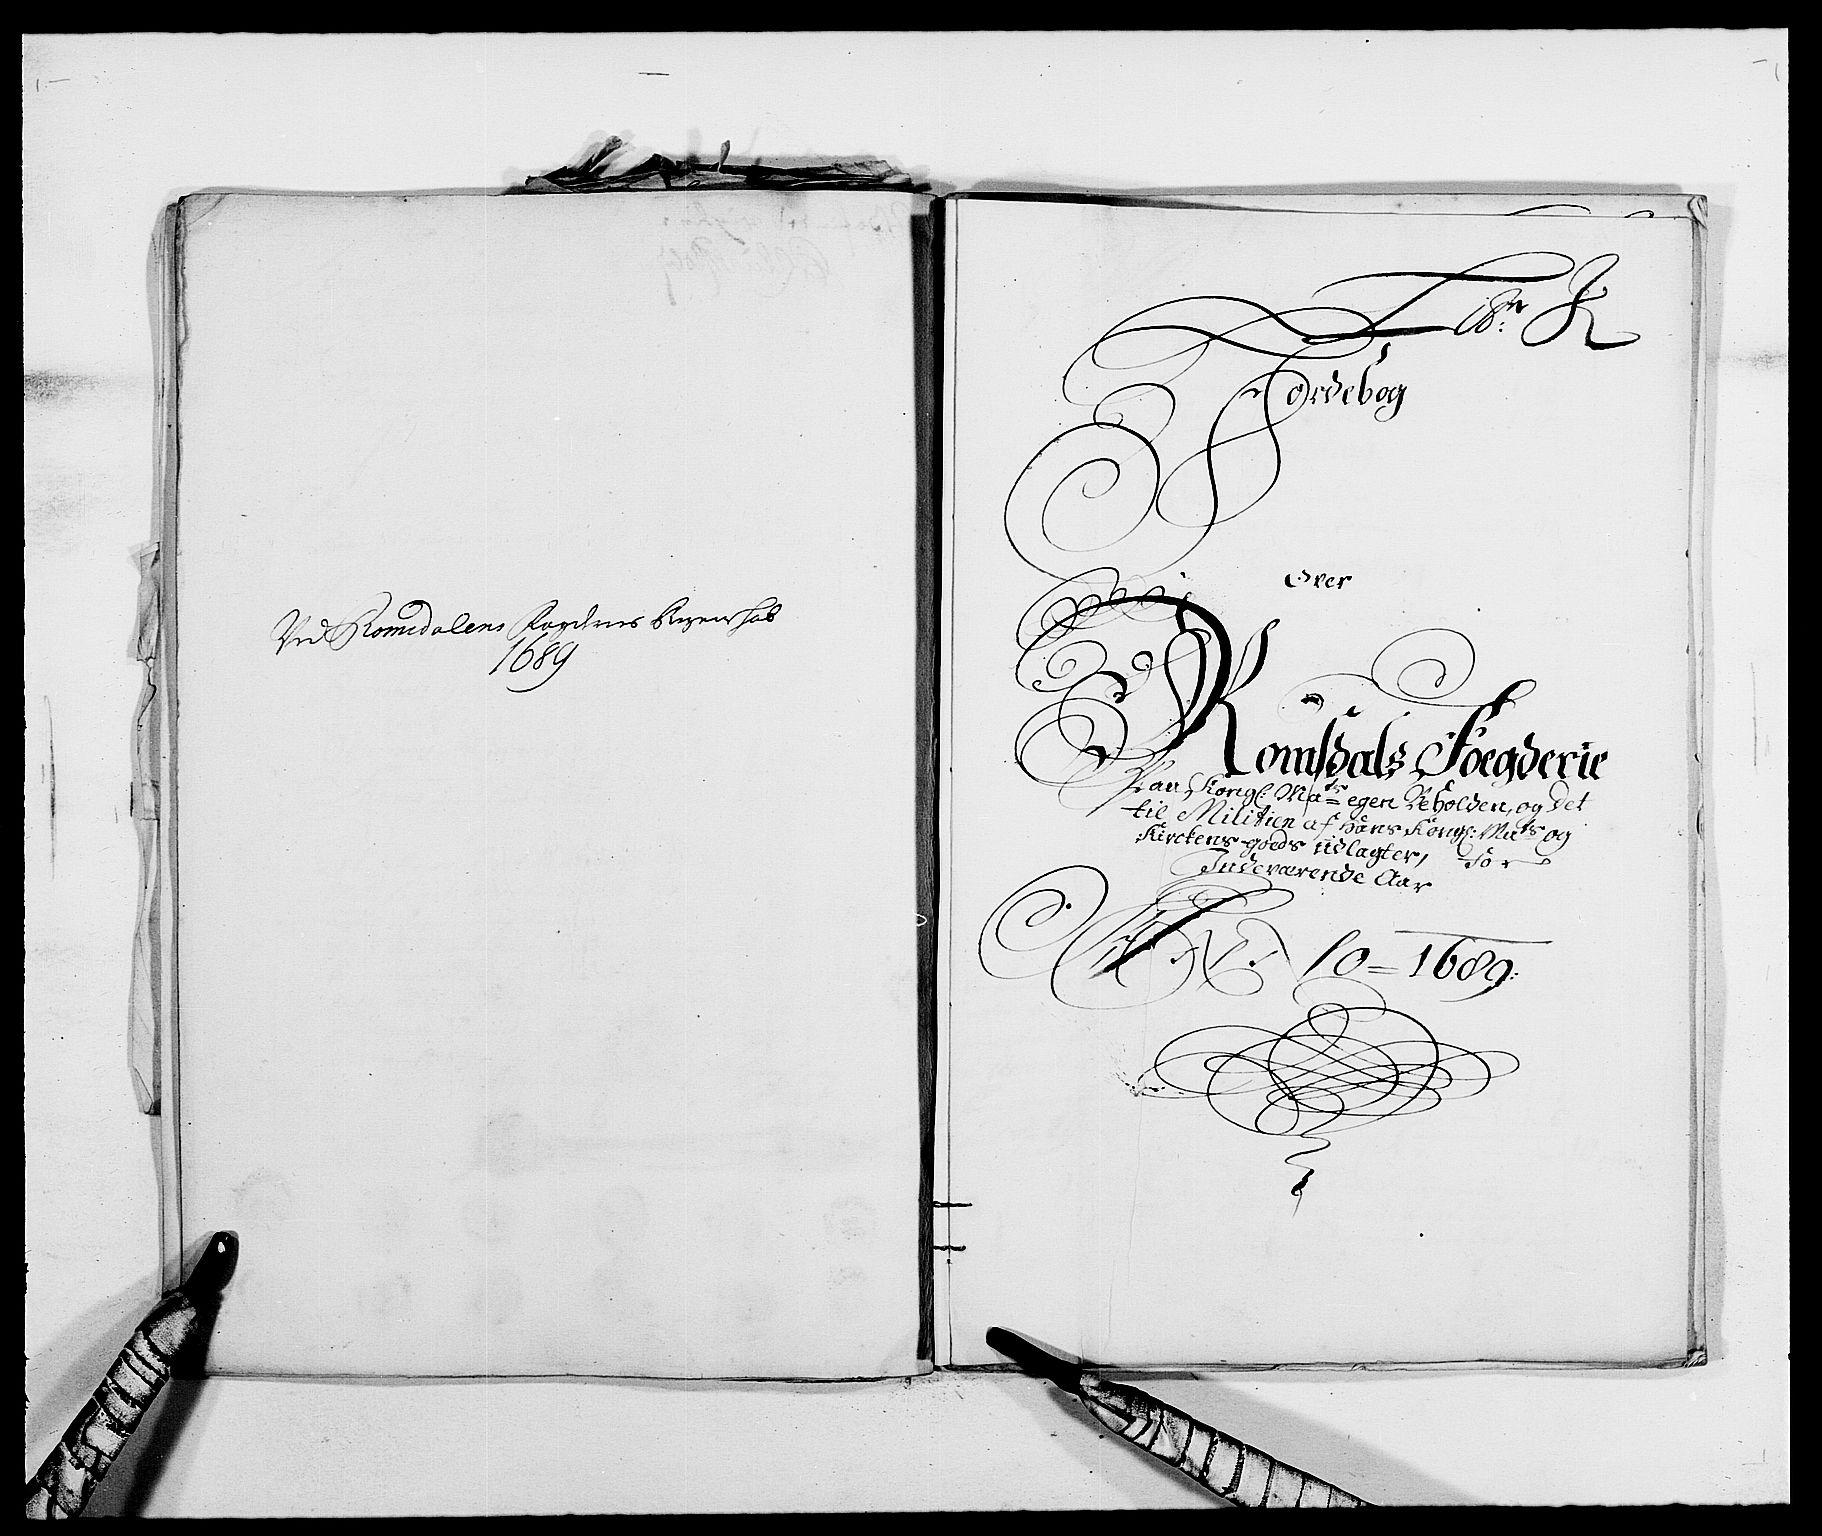 RA, Rentekammeret inntil 1814, Reviderte regnskaper, Fogderegnskap, R55/L3648: Fogderegnskap Romsdal, 1687-1689, s. 372